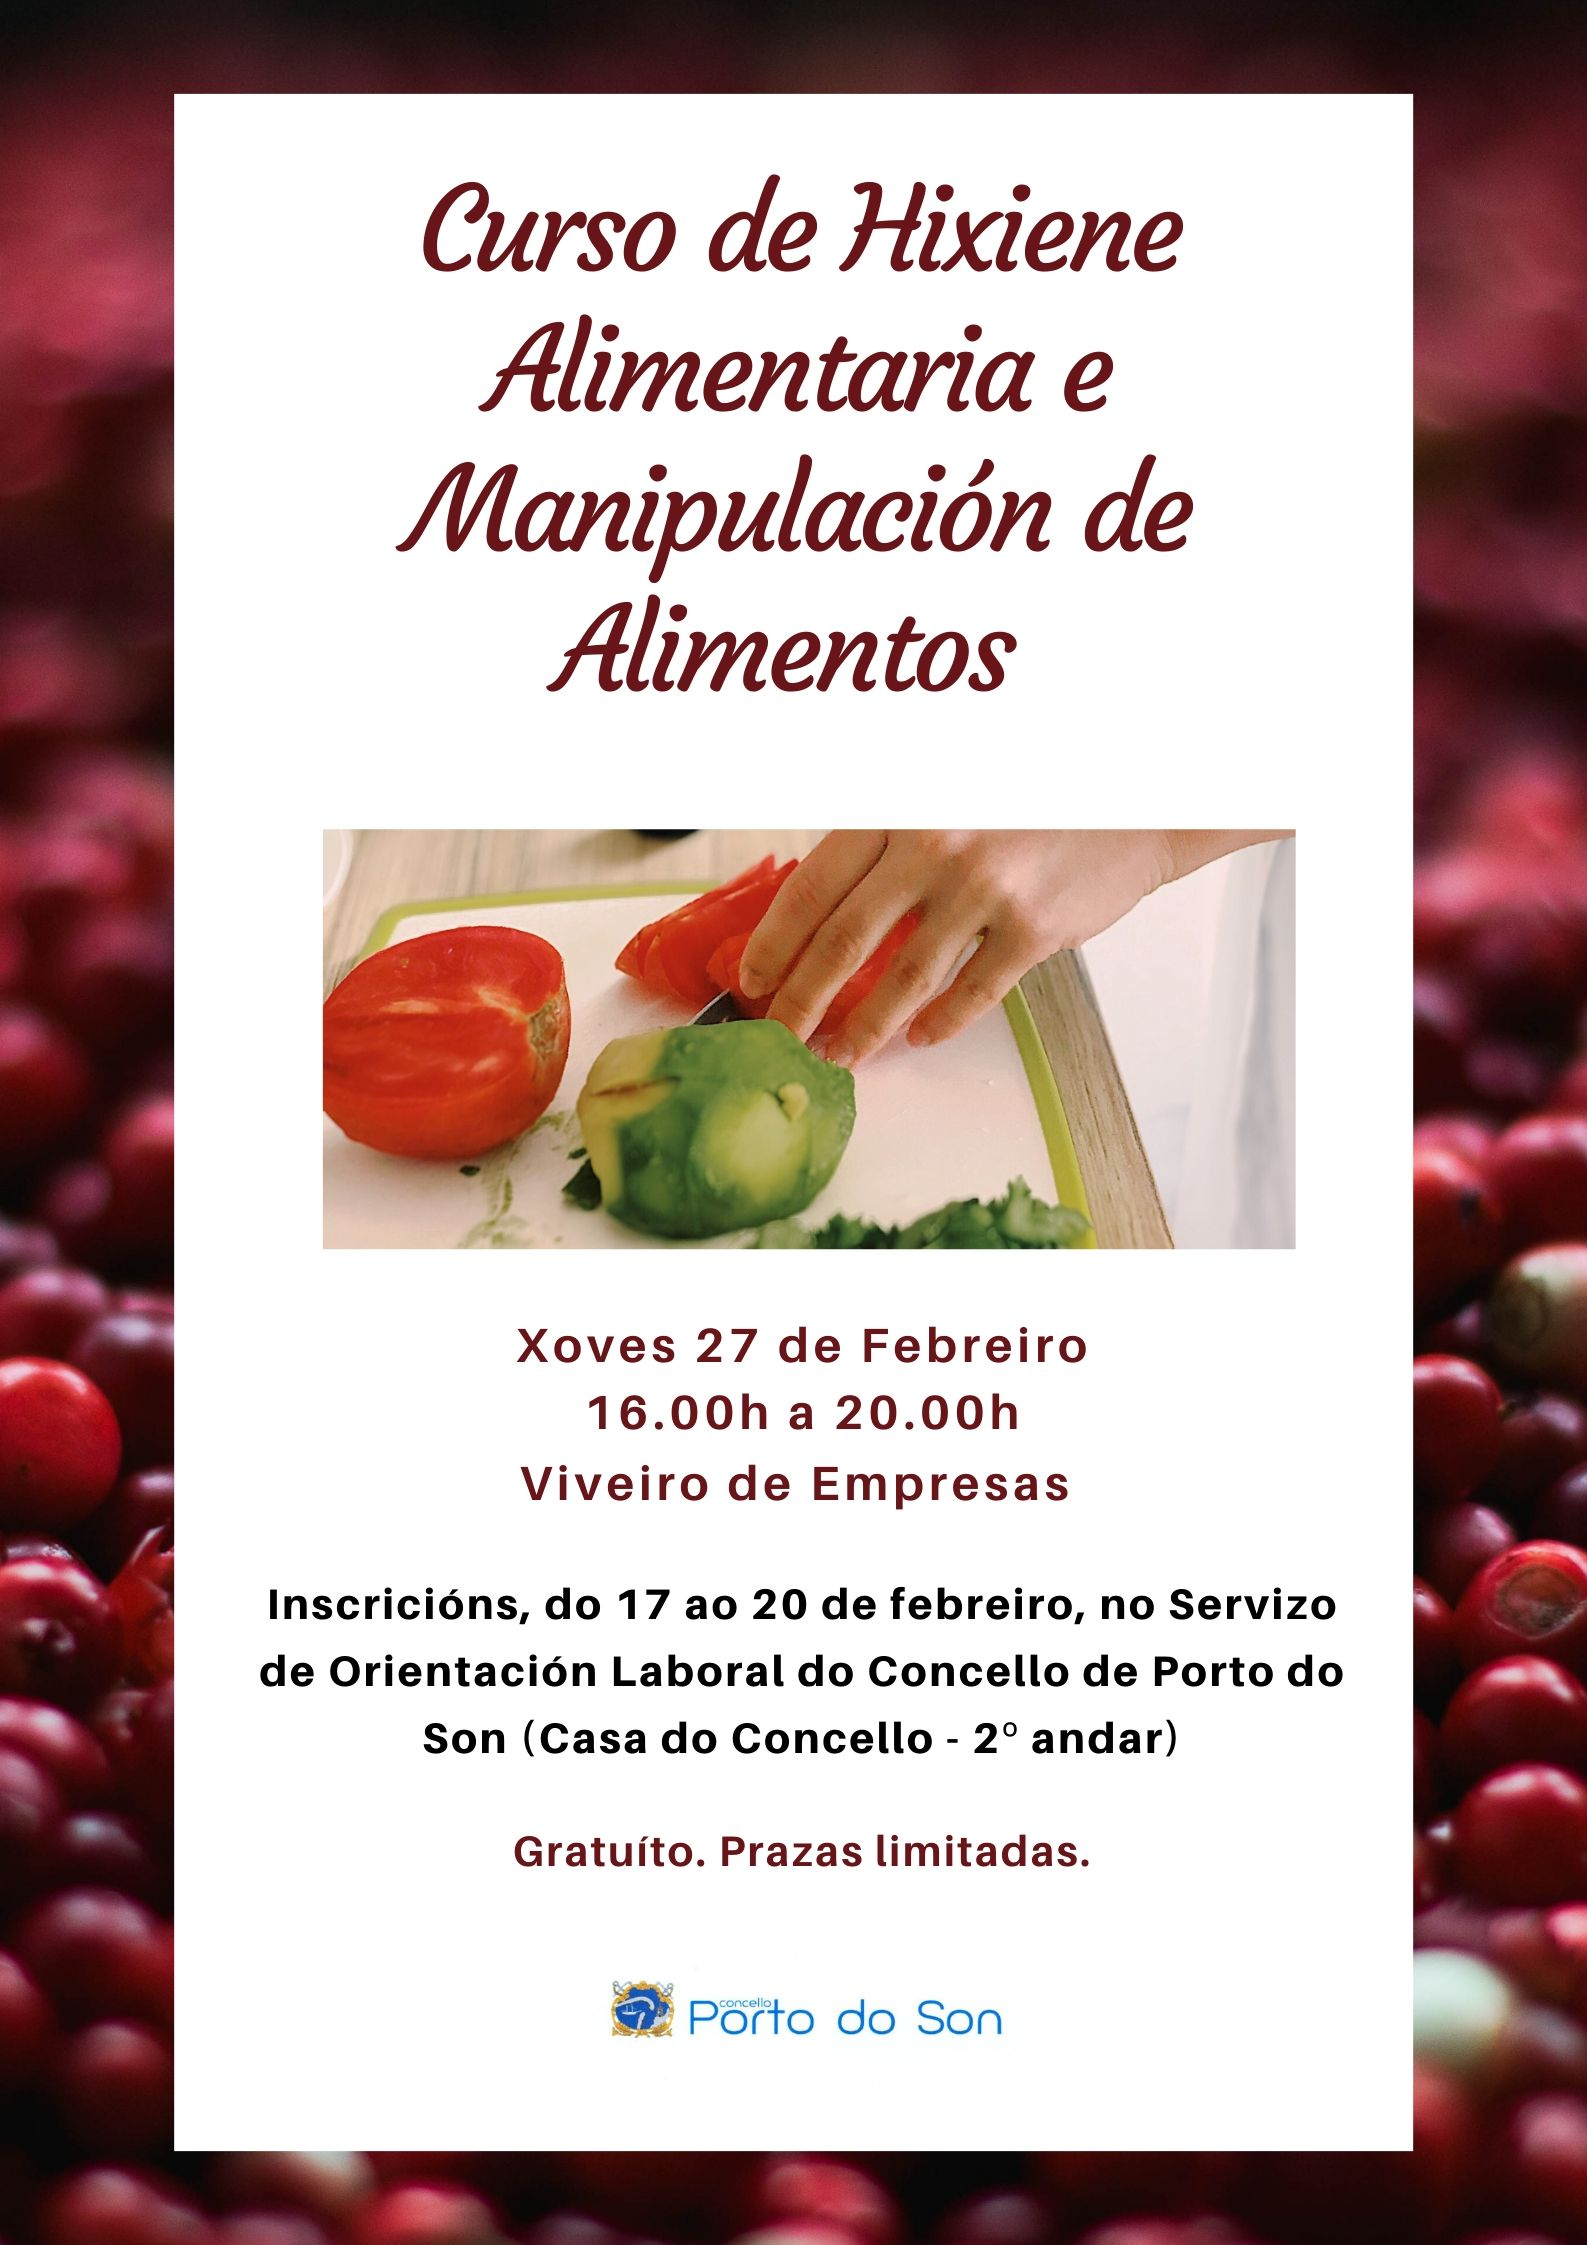 Cartel Curso de Hixiene Alimentaria e Manipulación de Alimentos